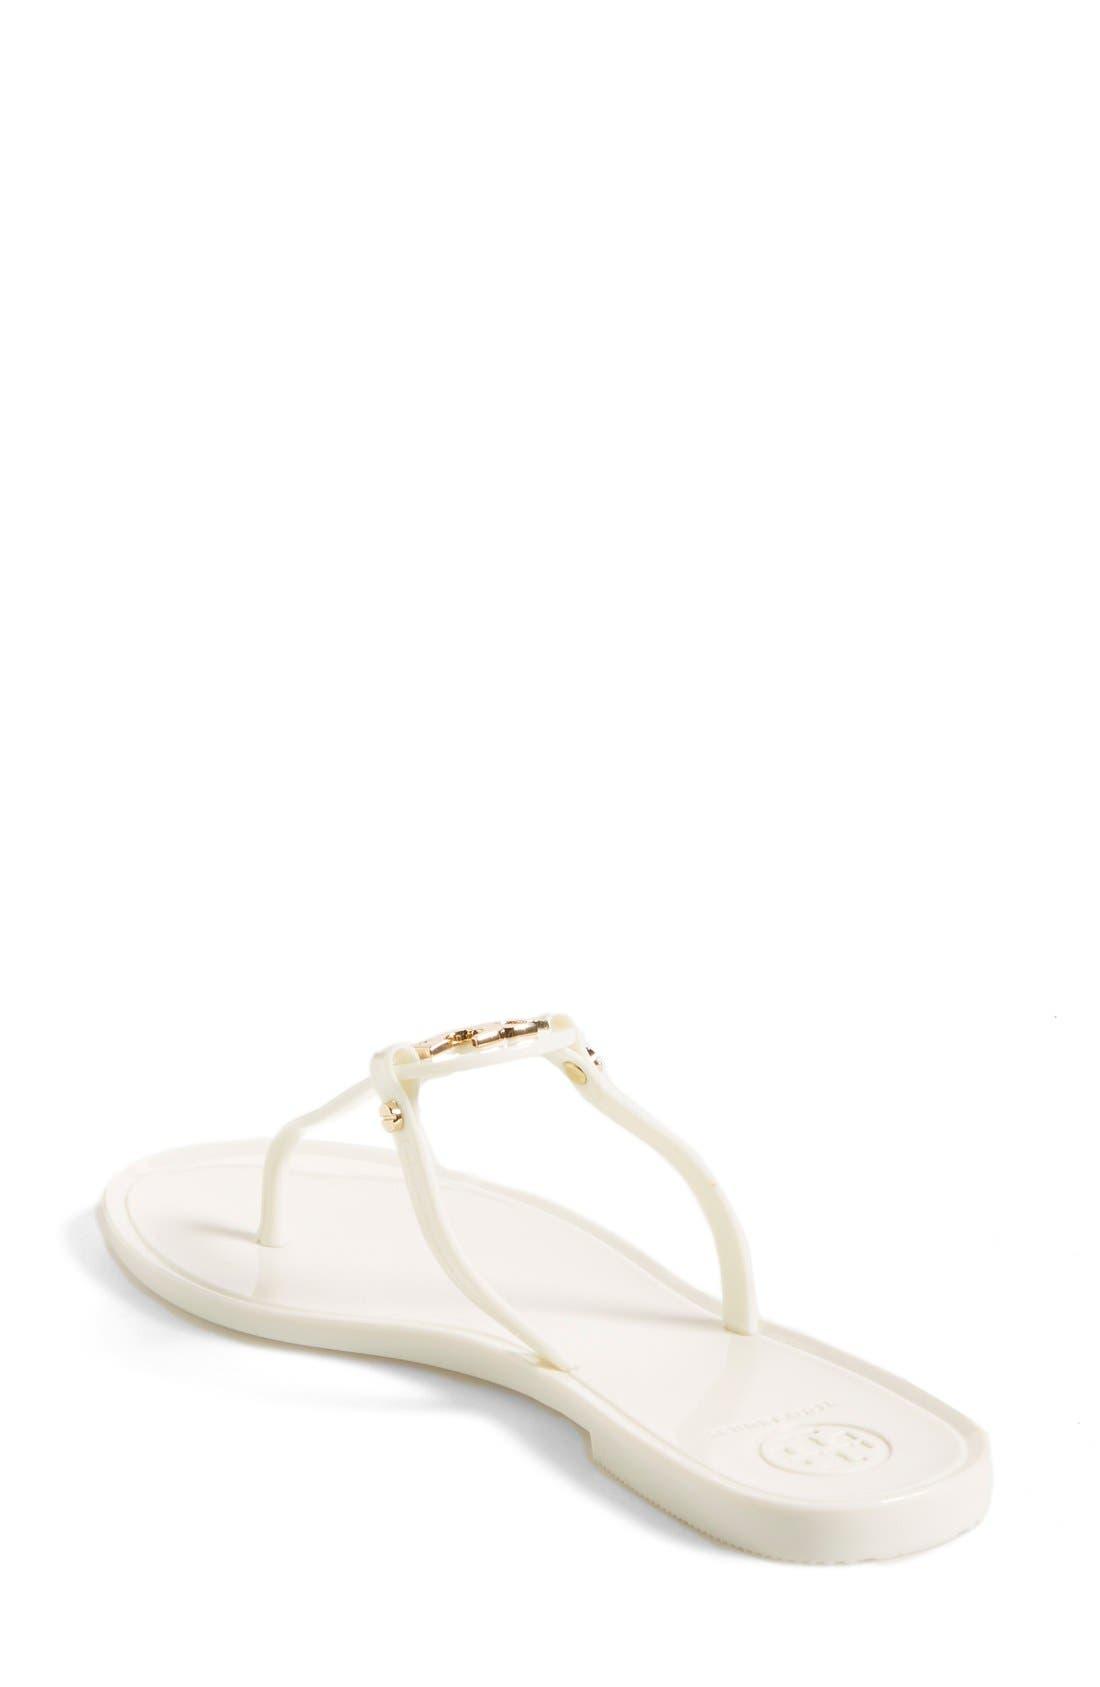 'Mini Miller' Flat Sandal,                             Alternate thumbnail 3, color,                             900